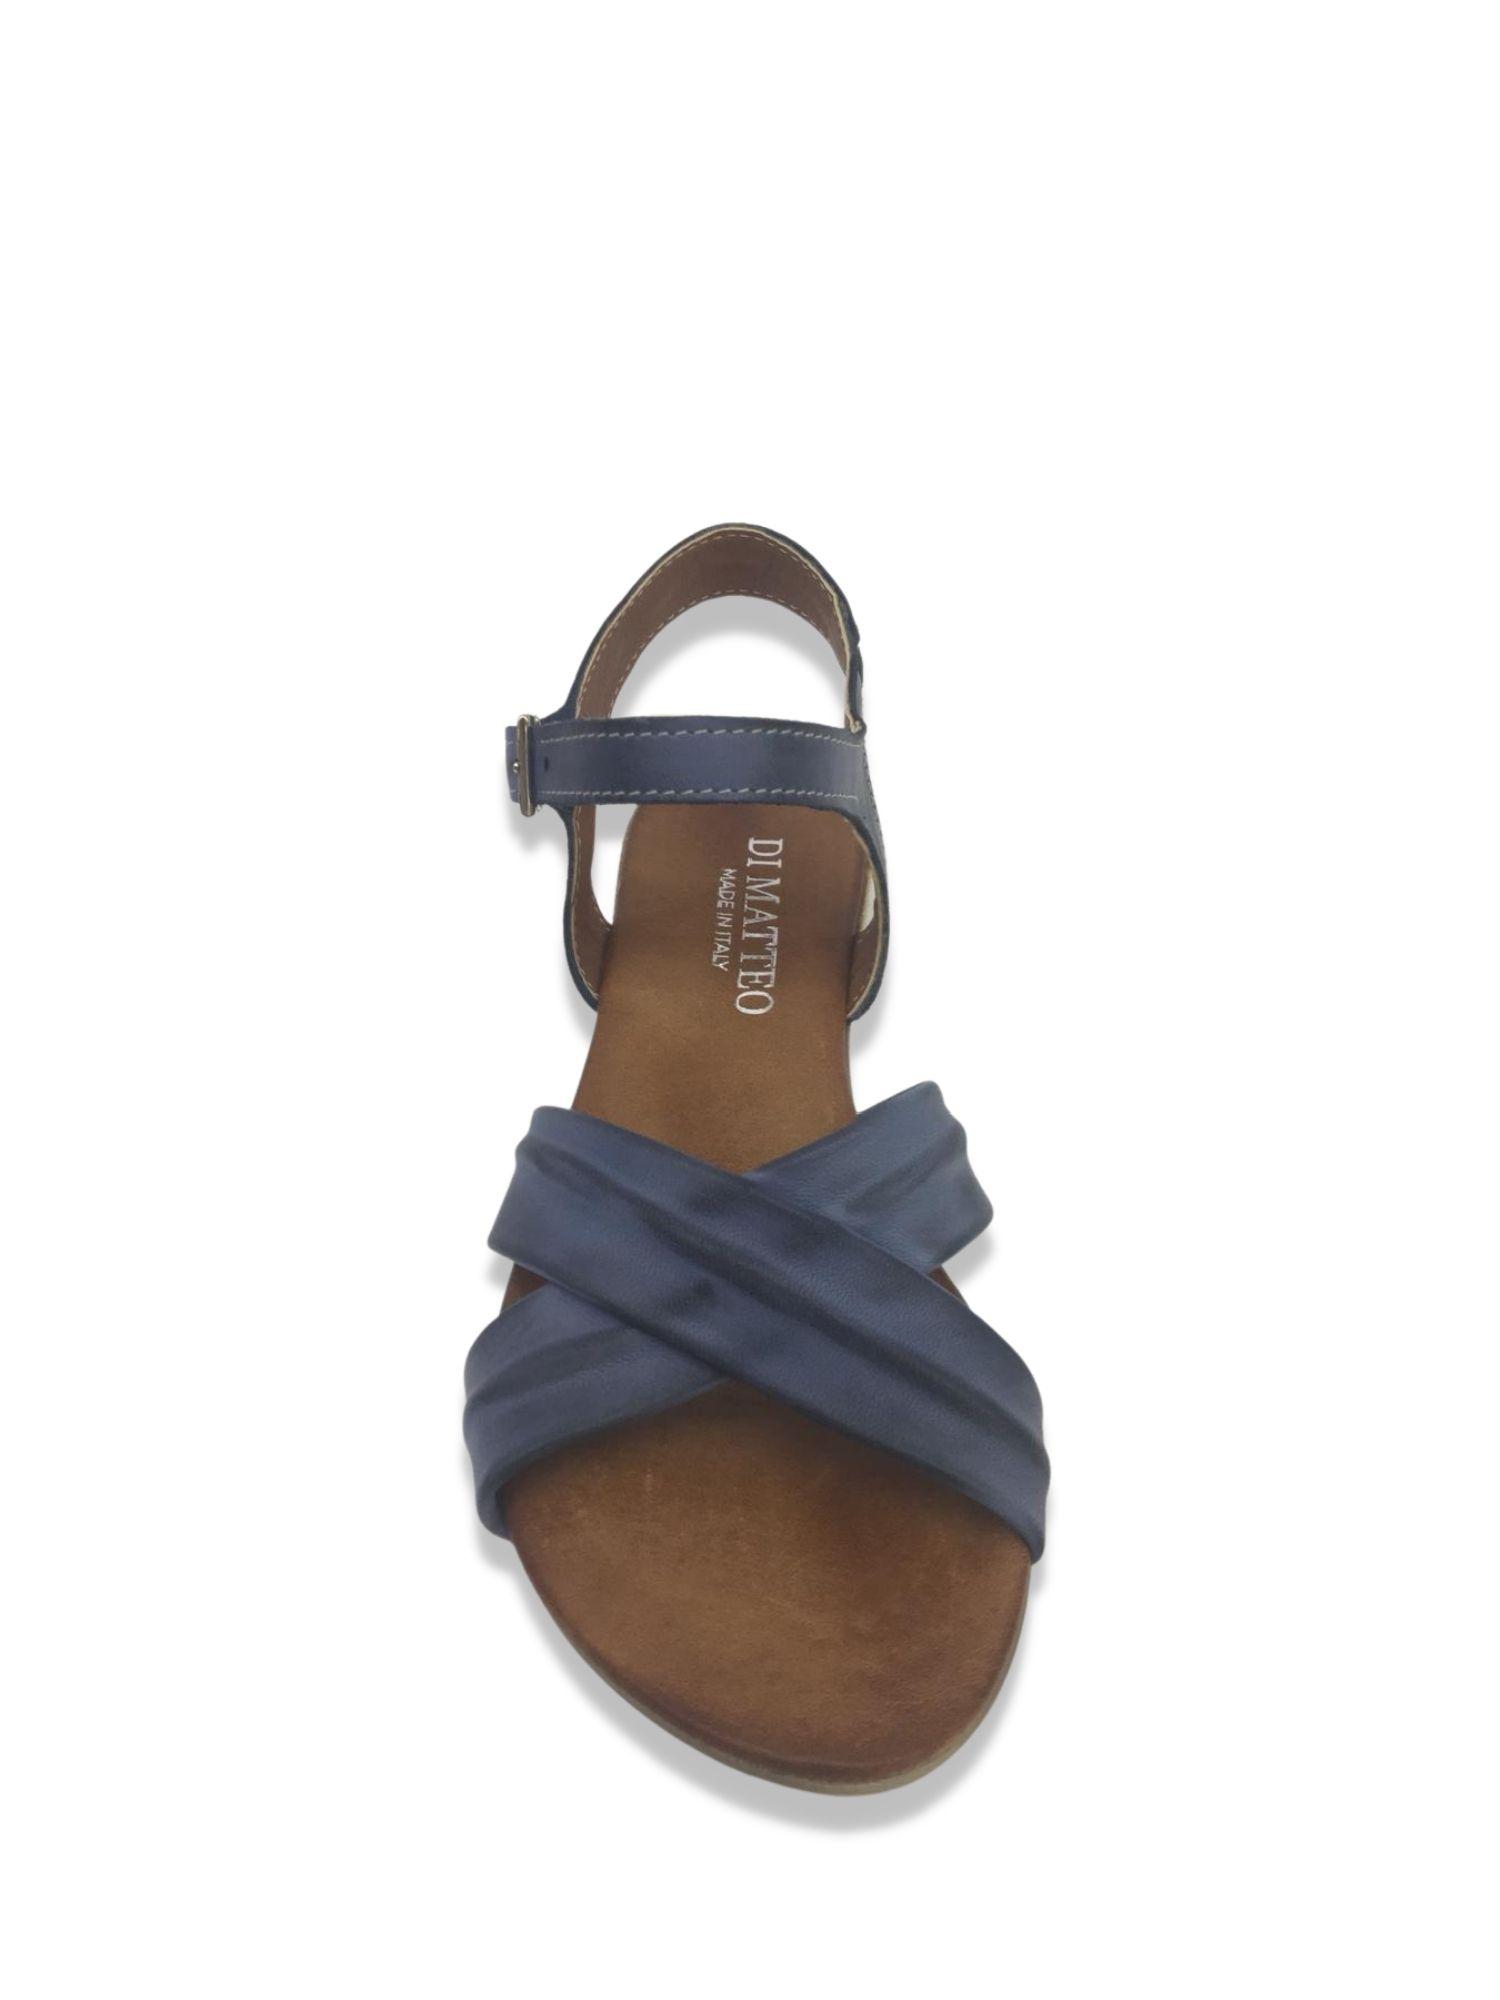 Sandalo Made in Italy 204 Blu alto